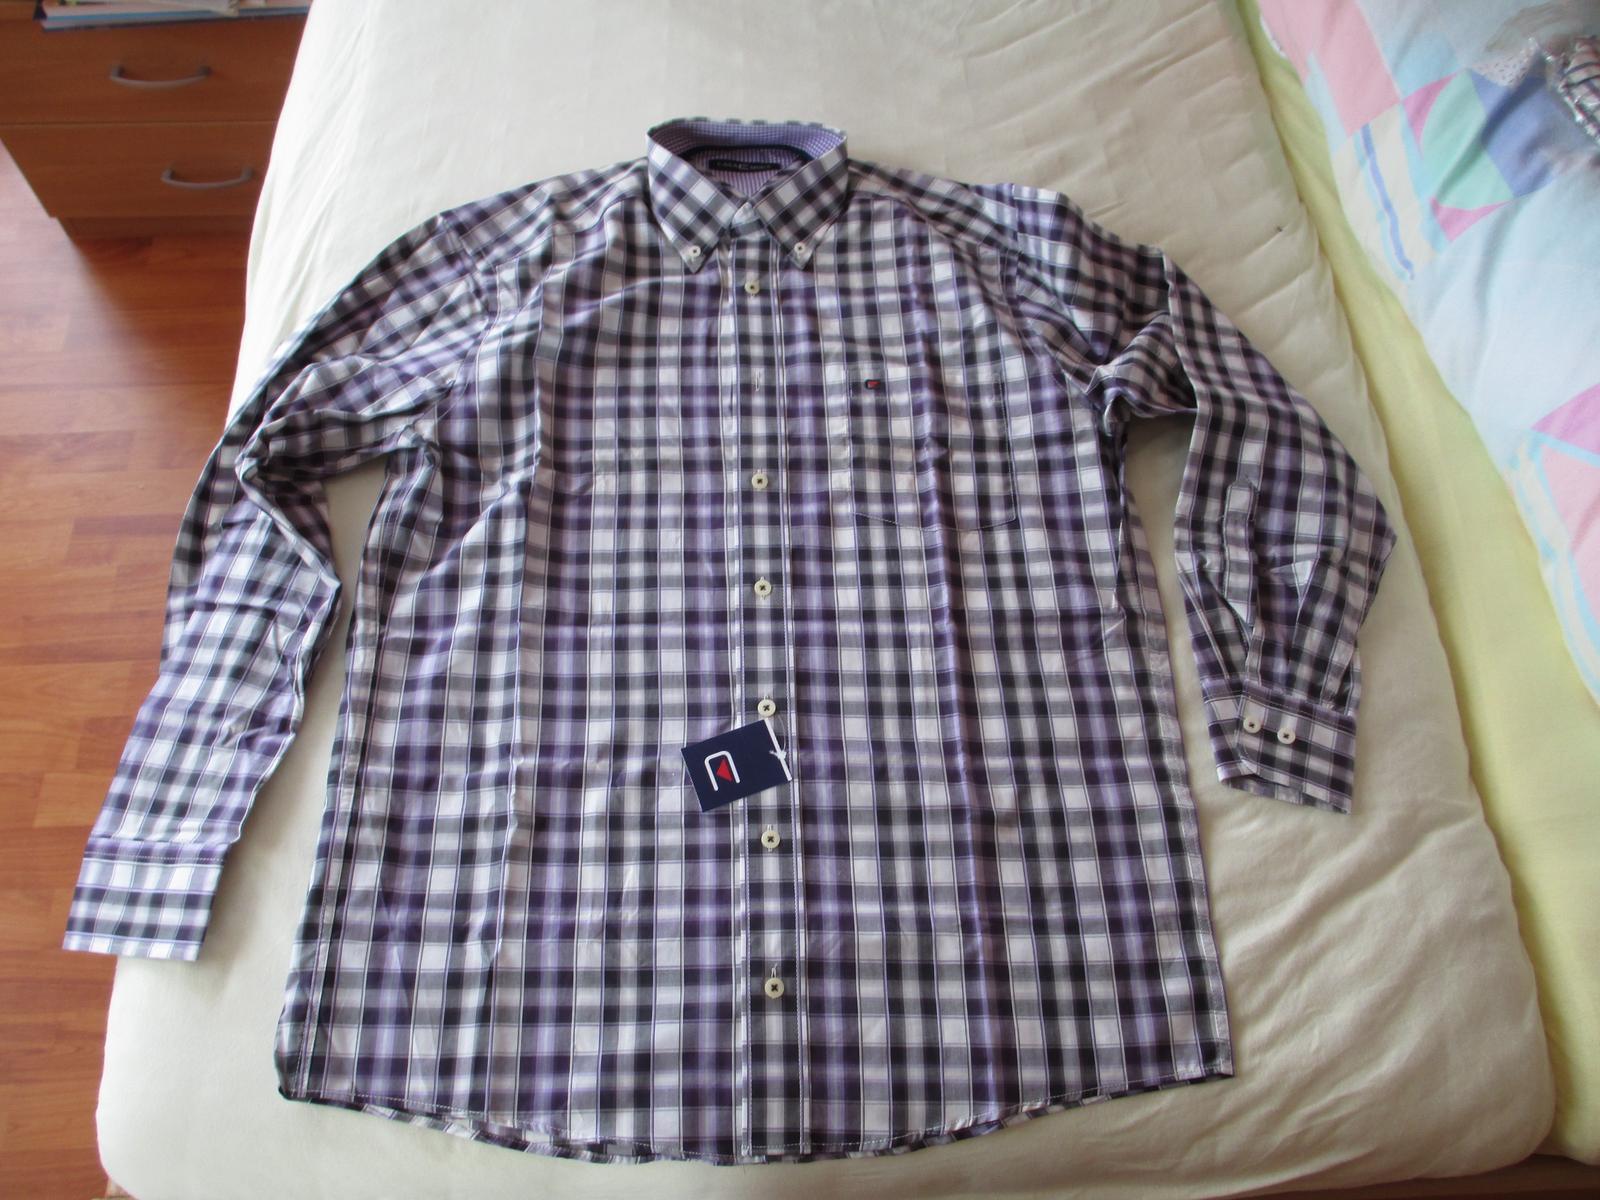 Fialová košile Casa Moda s visačkou - Obrázek č. 1